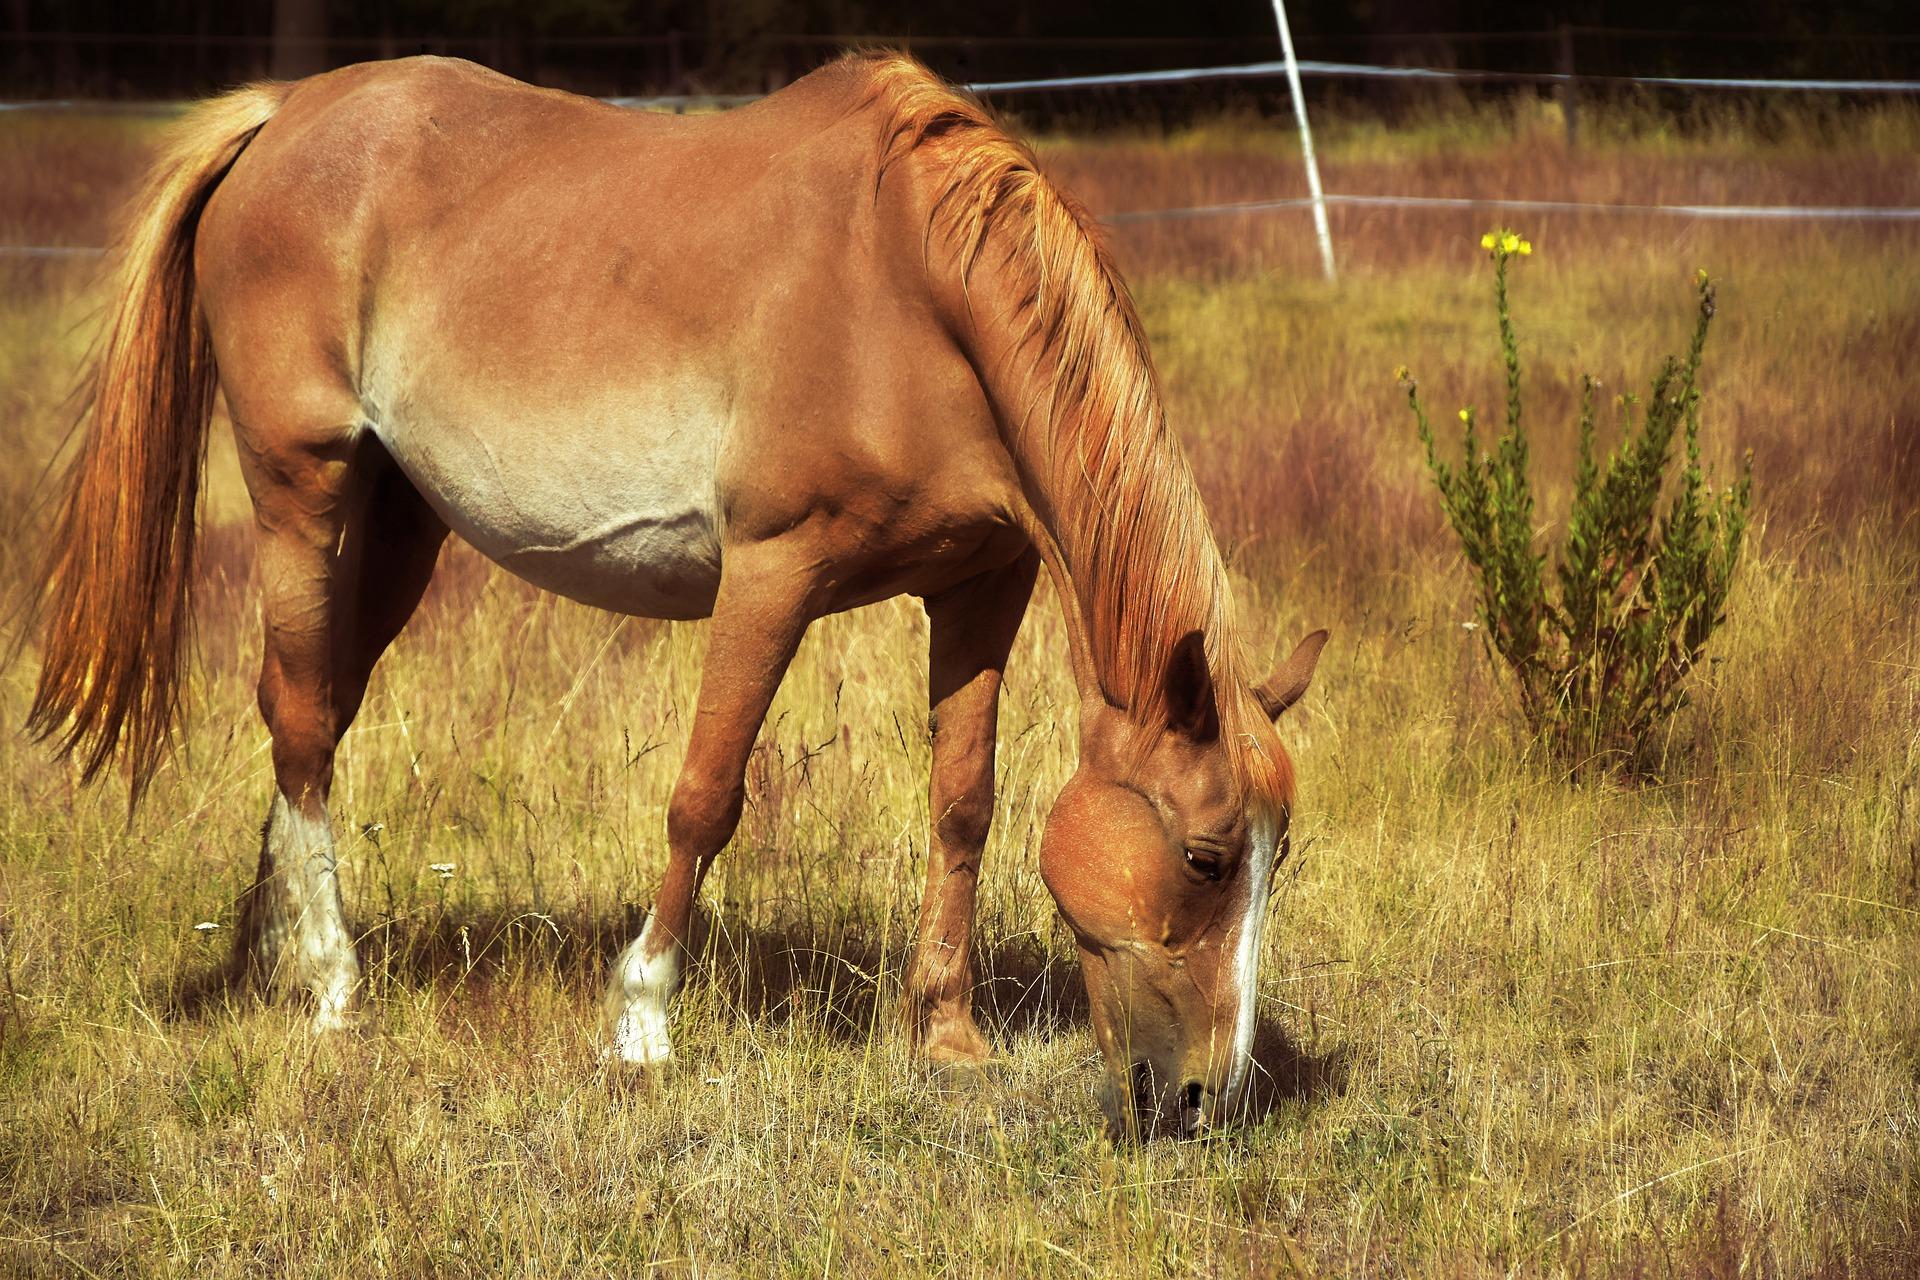 Pferd grast auf Weide, Sommer